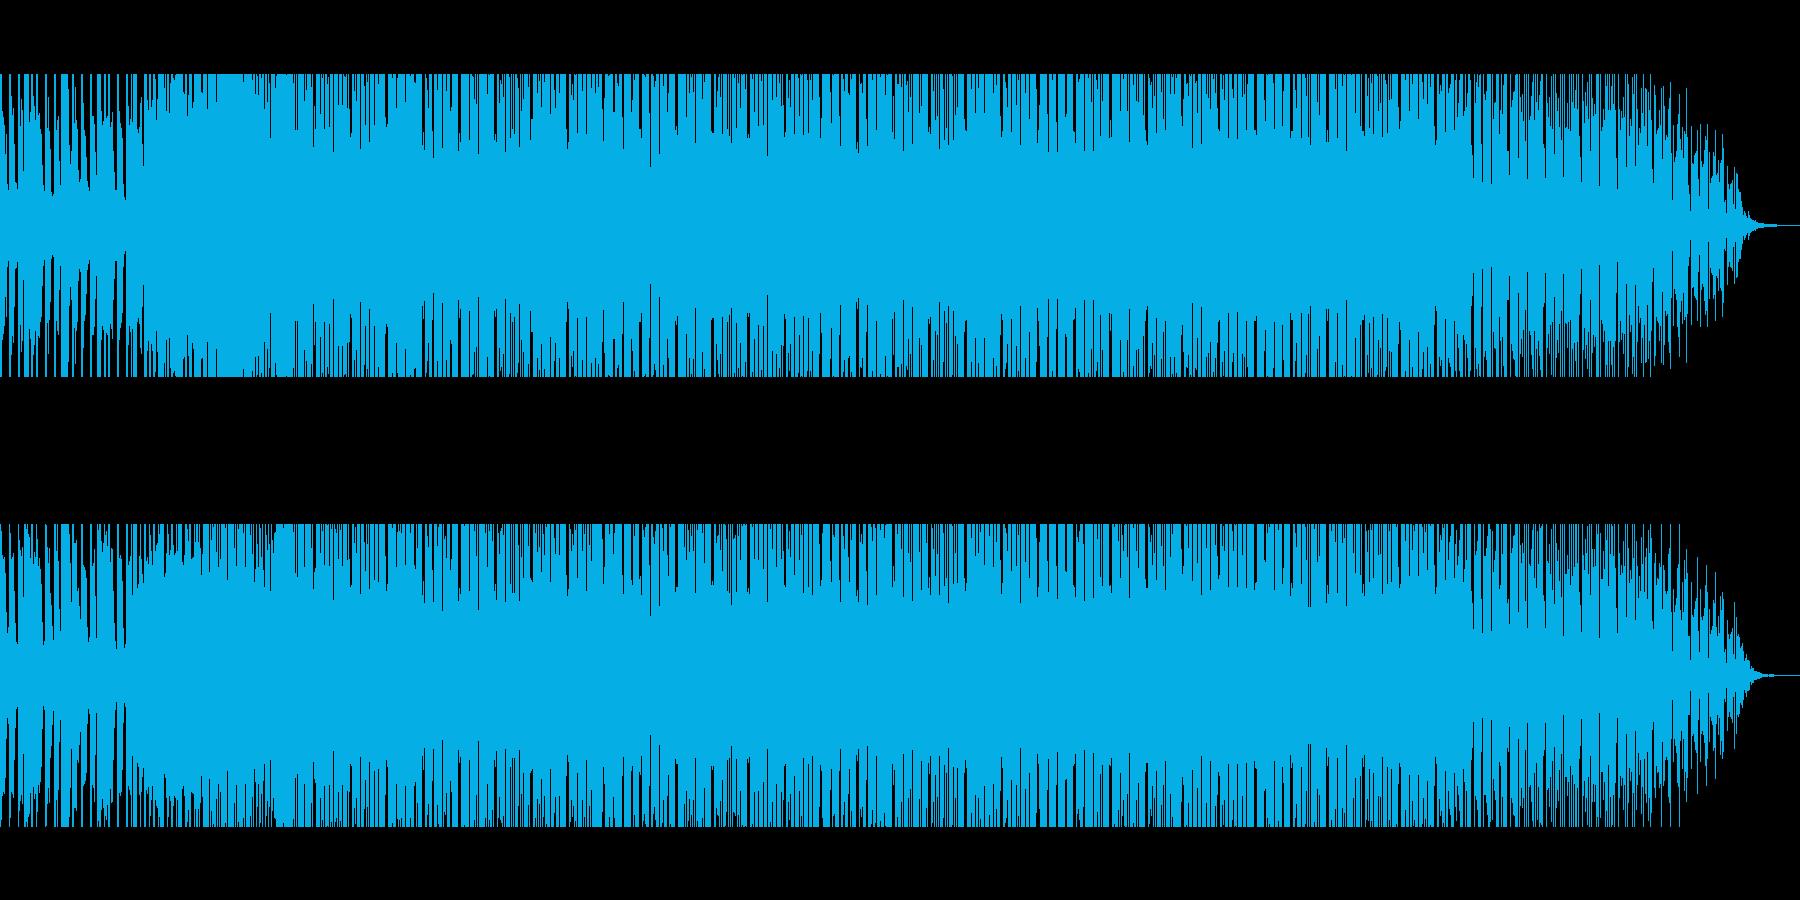 和風 EDM フューチャーベースの再生済みの波形